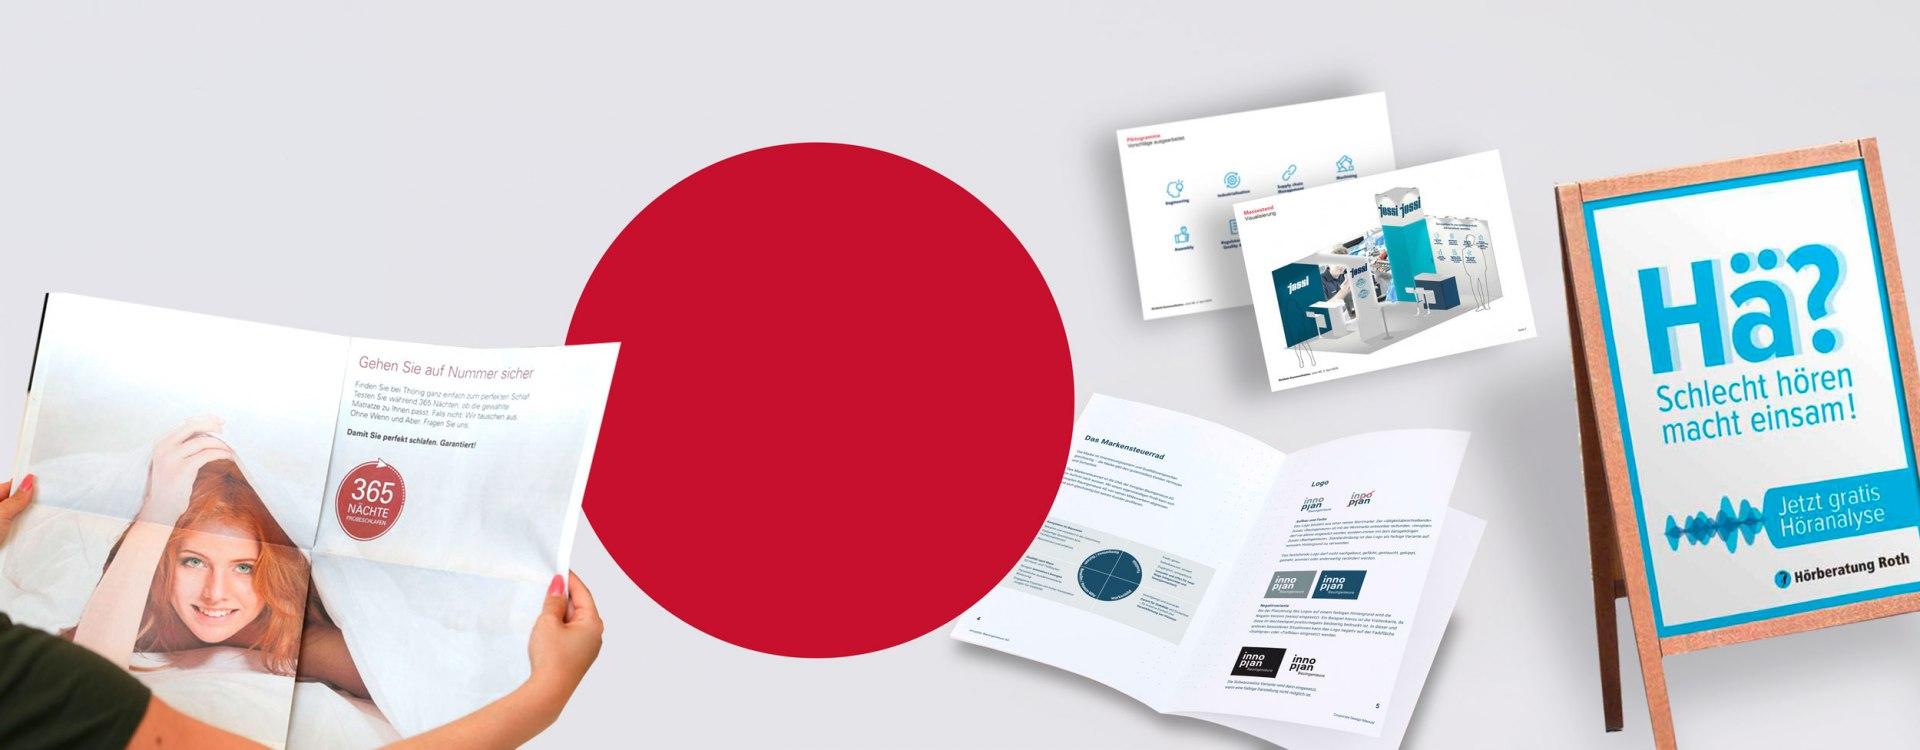 Kommunikation, Werbeagentur, Strategie, Konzept, Text, Gestaltung, Realisierung und Produktion